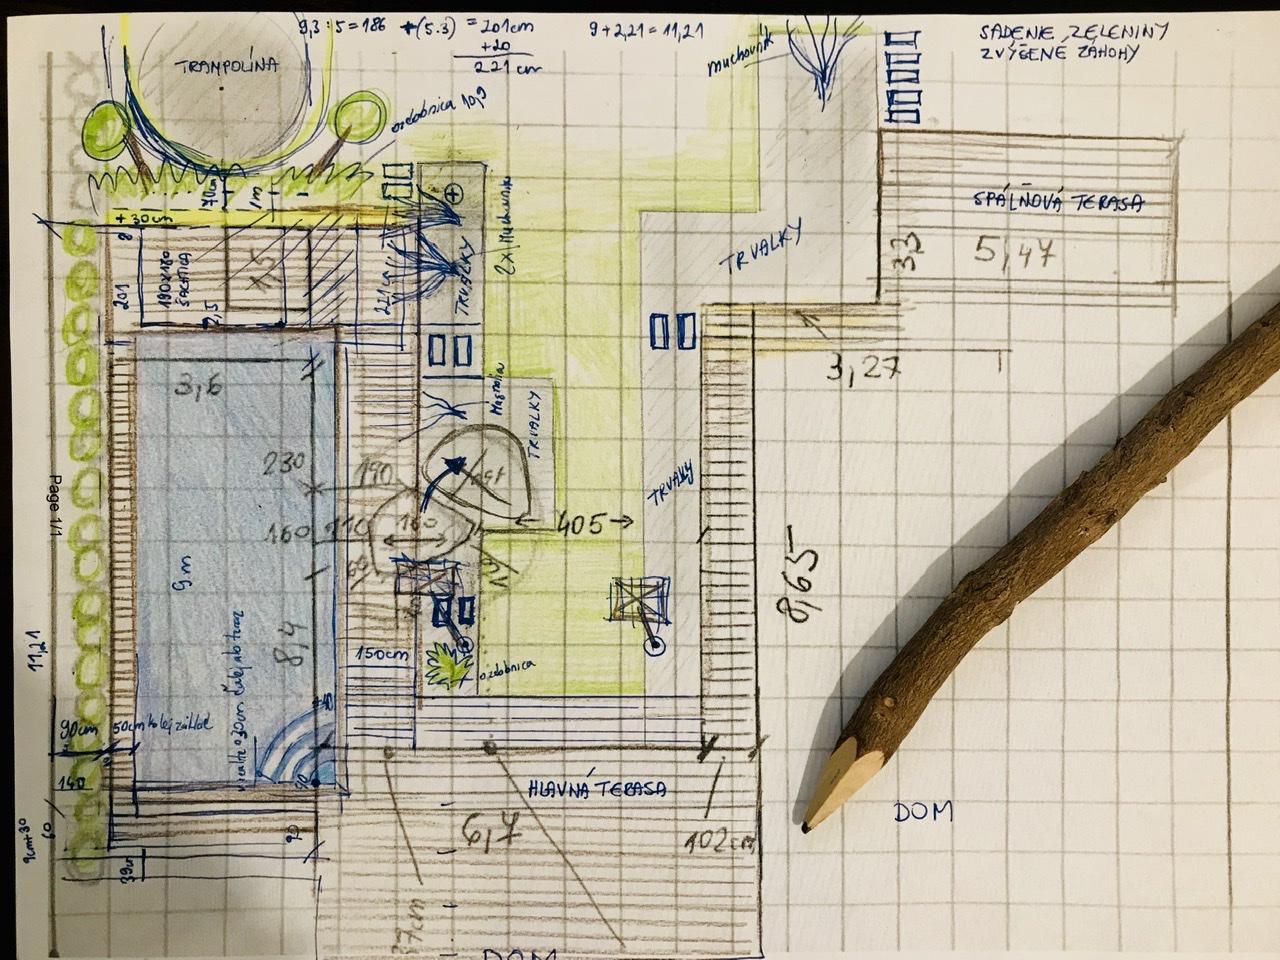 Naše L-ko - 2021 - stále dokončujeme - Umiestnenie zapusteného bazéna - plánik terasovej časti. Bazén 8,3 x 3,4 so vstupom z terasy a dreveným molom pozdĺž bazéna.